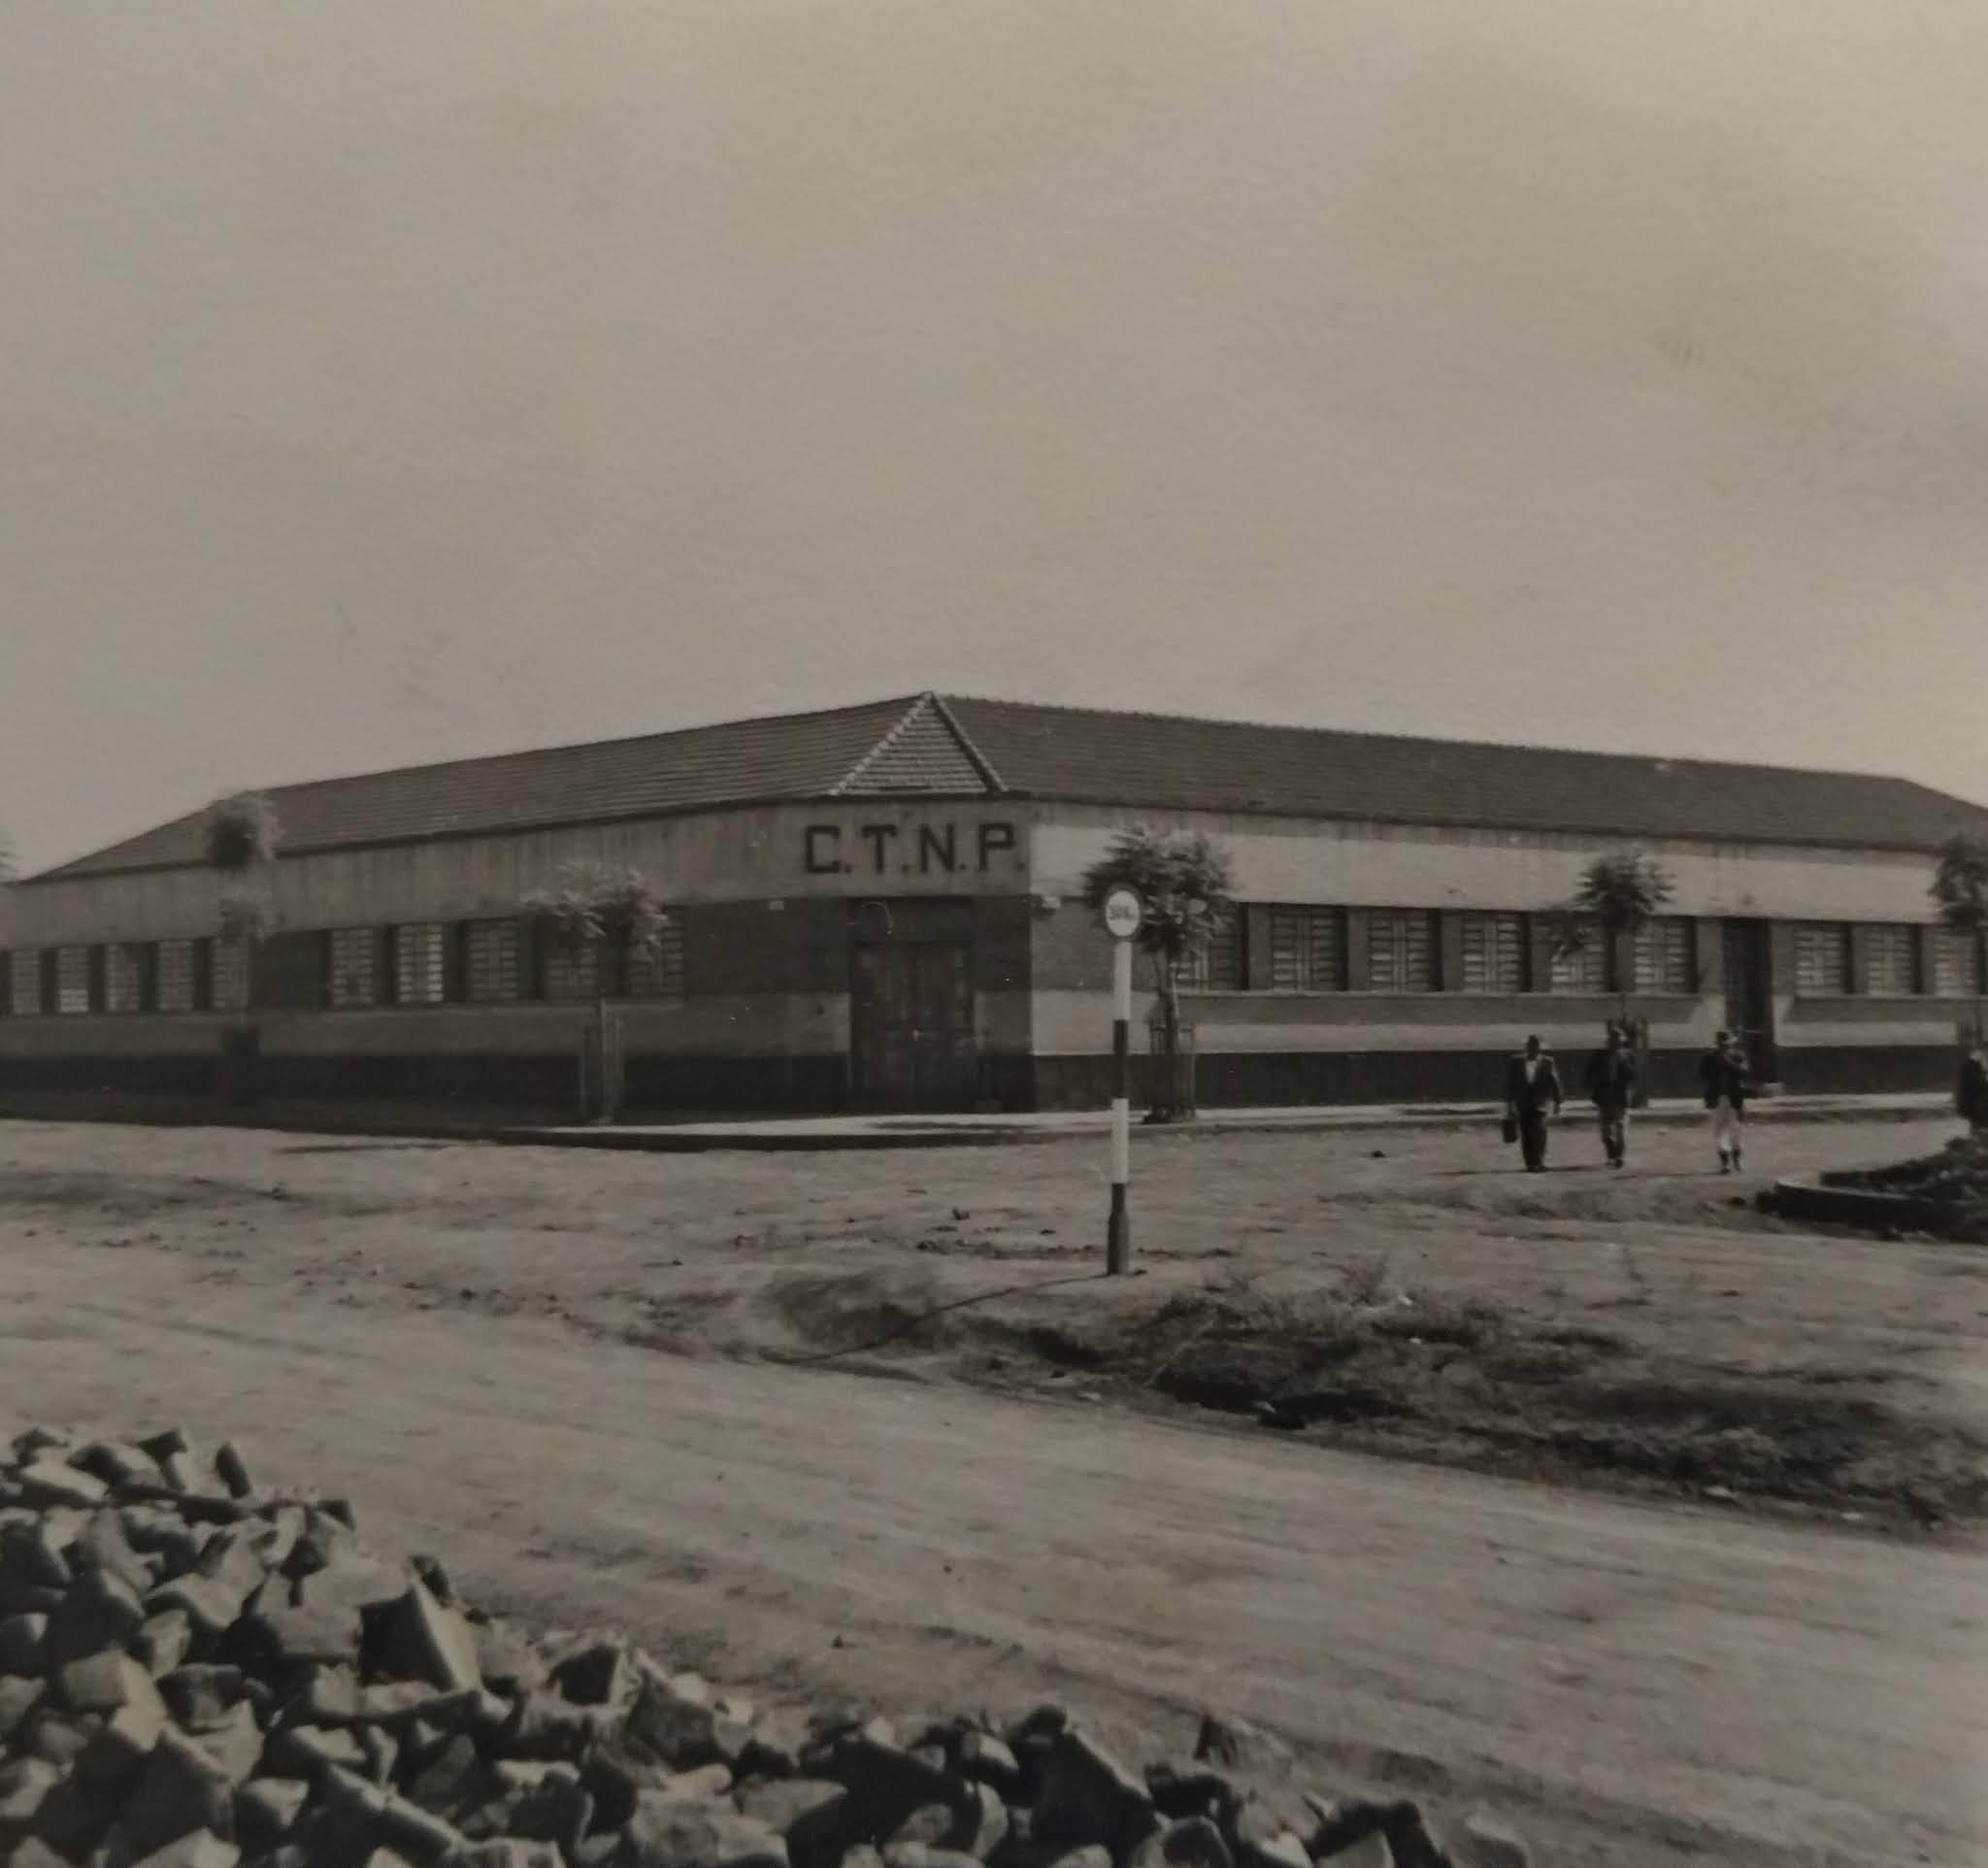 Sede da CTNP - Inicio de 1950